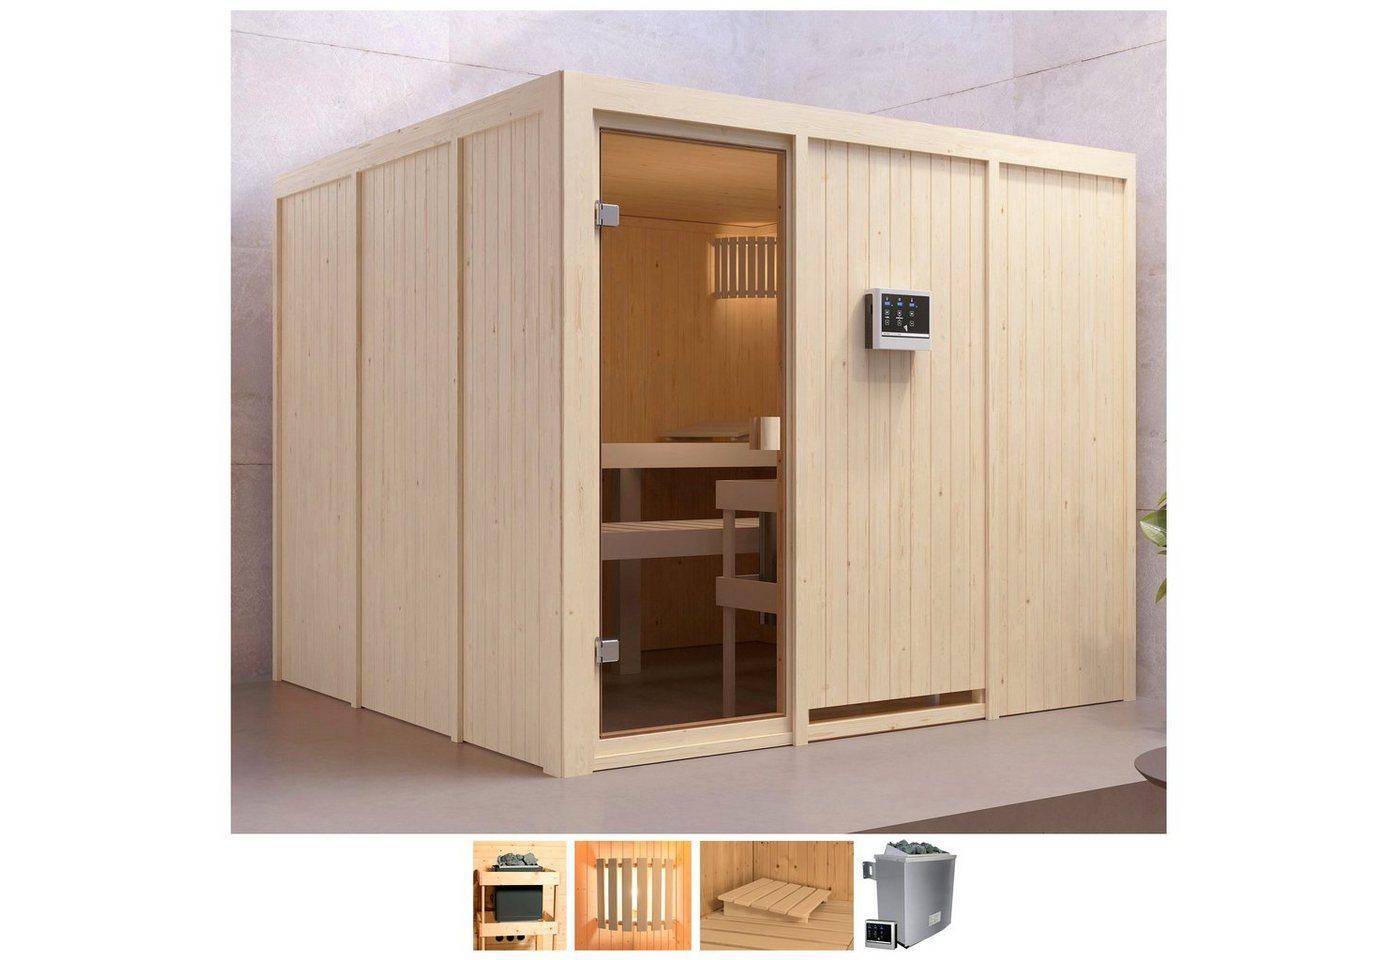 Karibu Sauna »Ferun«, BxTxH: 231 x 231 x 198 cm, 68 mm, 9-kW-Ofen mit ext. Steuerung